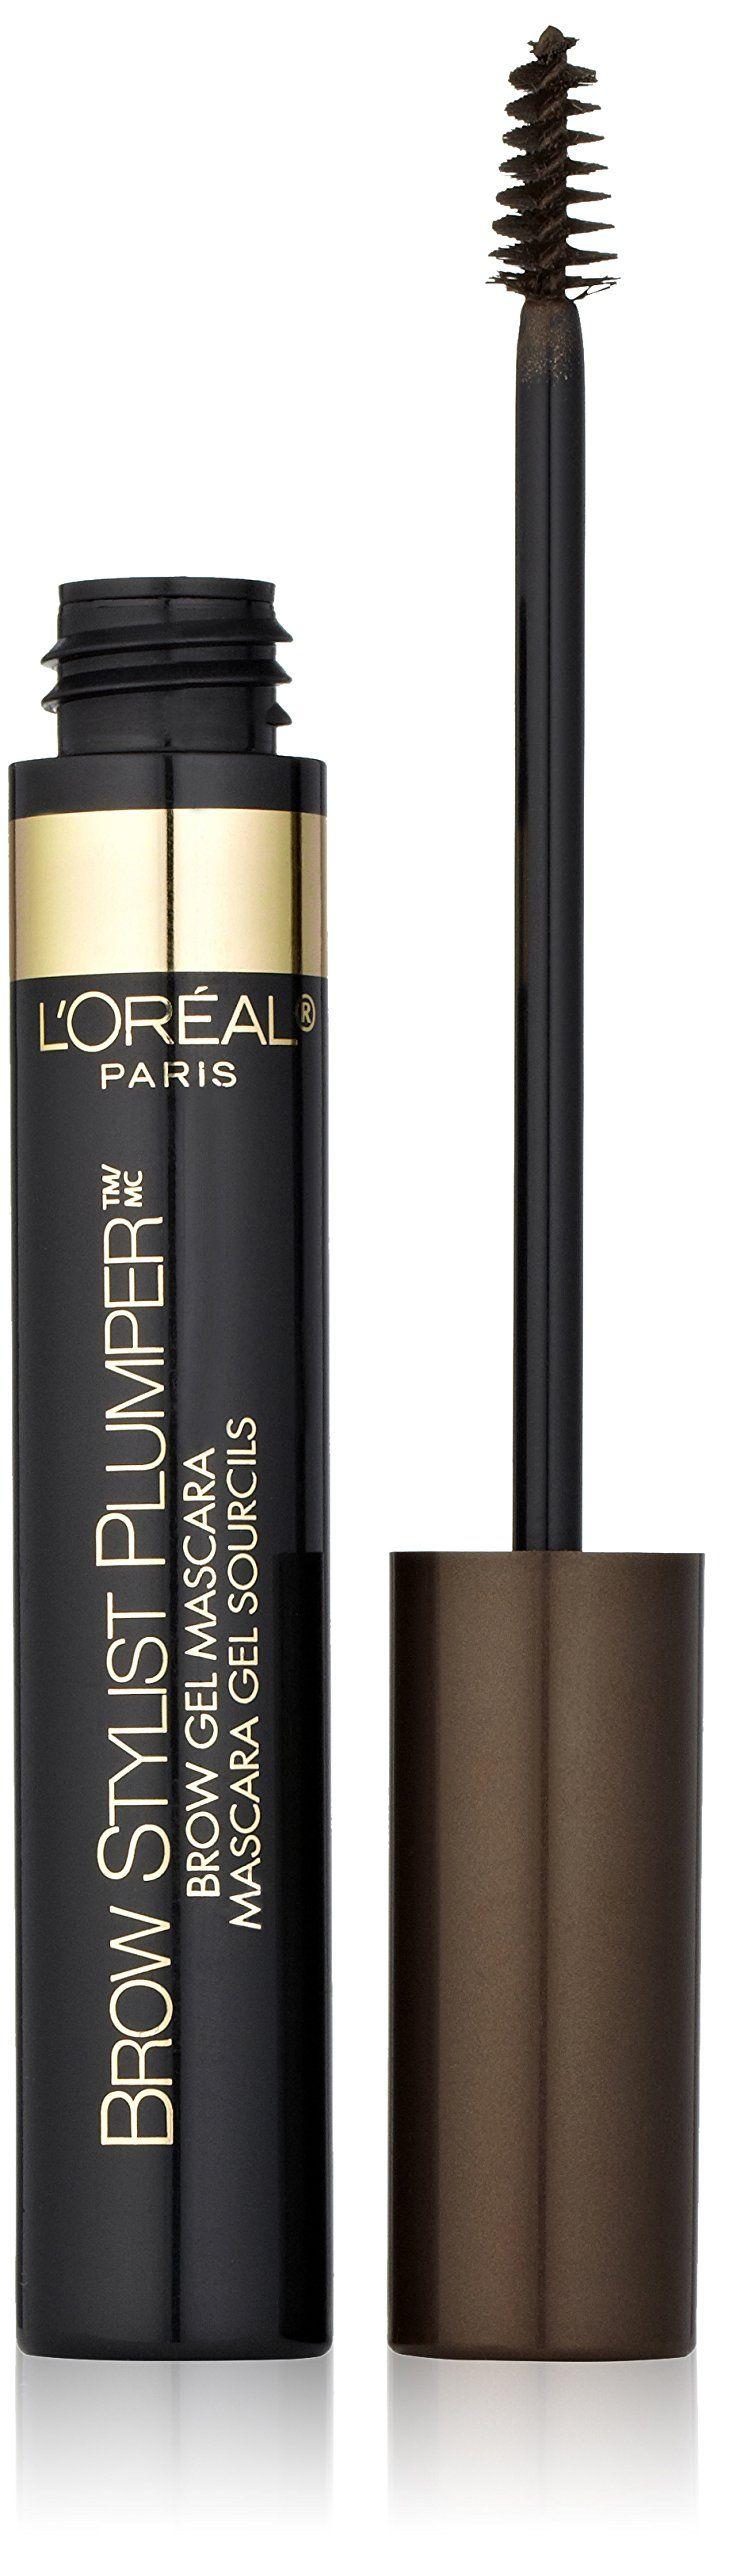 Loreal x fiber mascara makeupalley